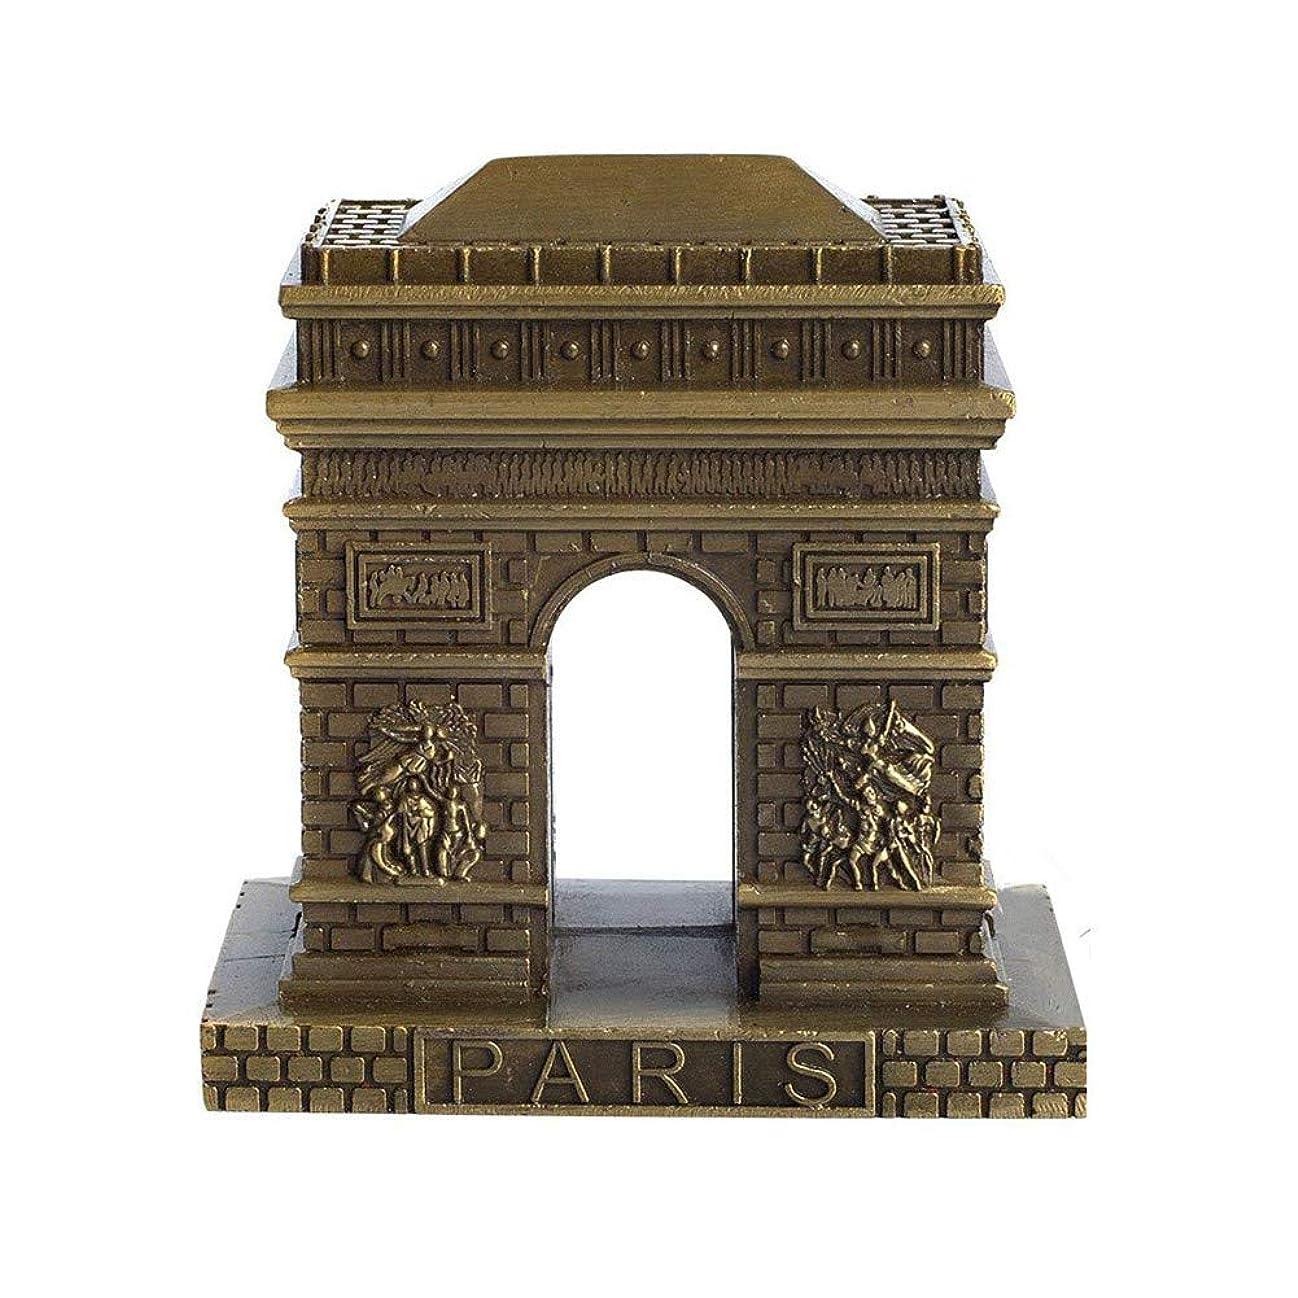 スリラー乏しいだますIMAX? ビンテージブロンズパリ凱旋門像、置物ホームデスクトップ装飾お土産金属人工世界の有名な建物彫刻(3インチ)